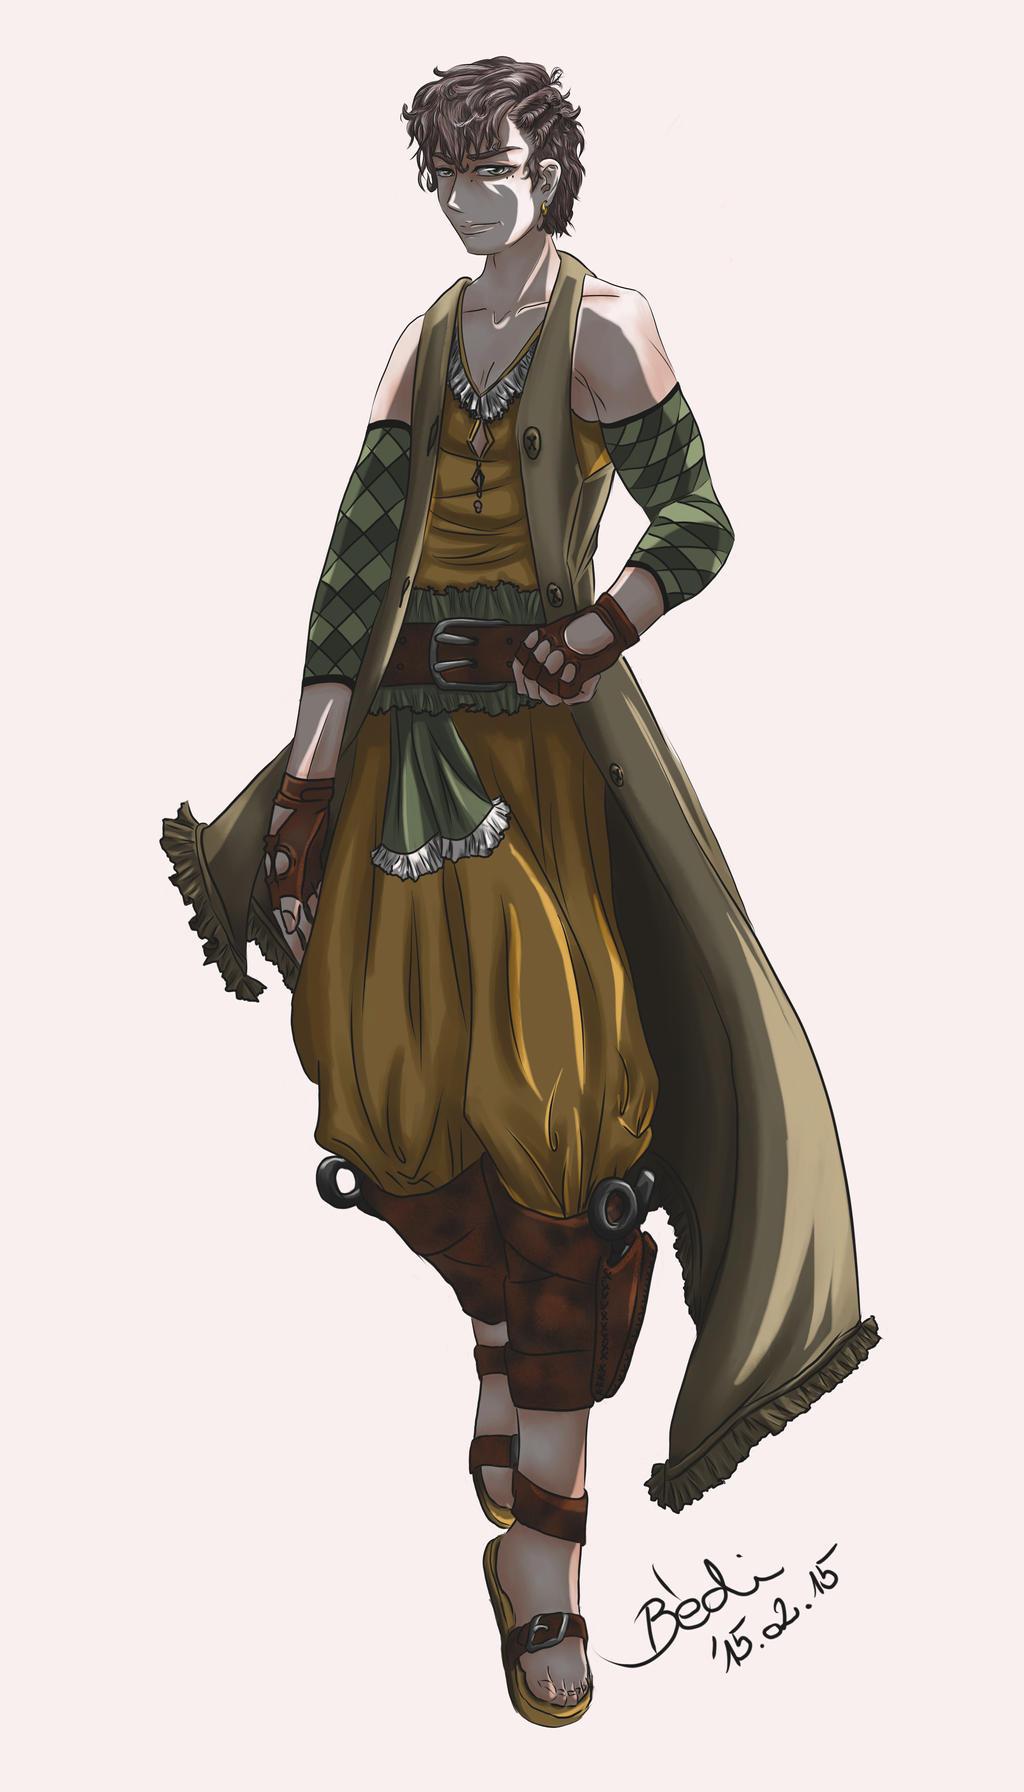 Szethy karakterei Robert_titus_sheffield_by_szethy-d8i5shh